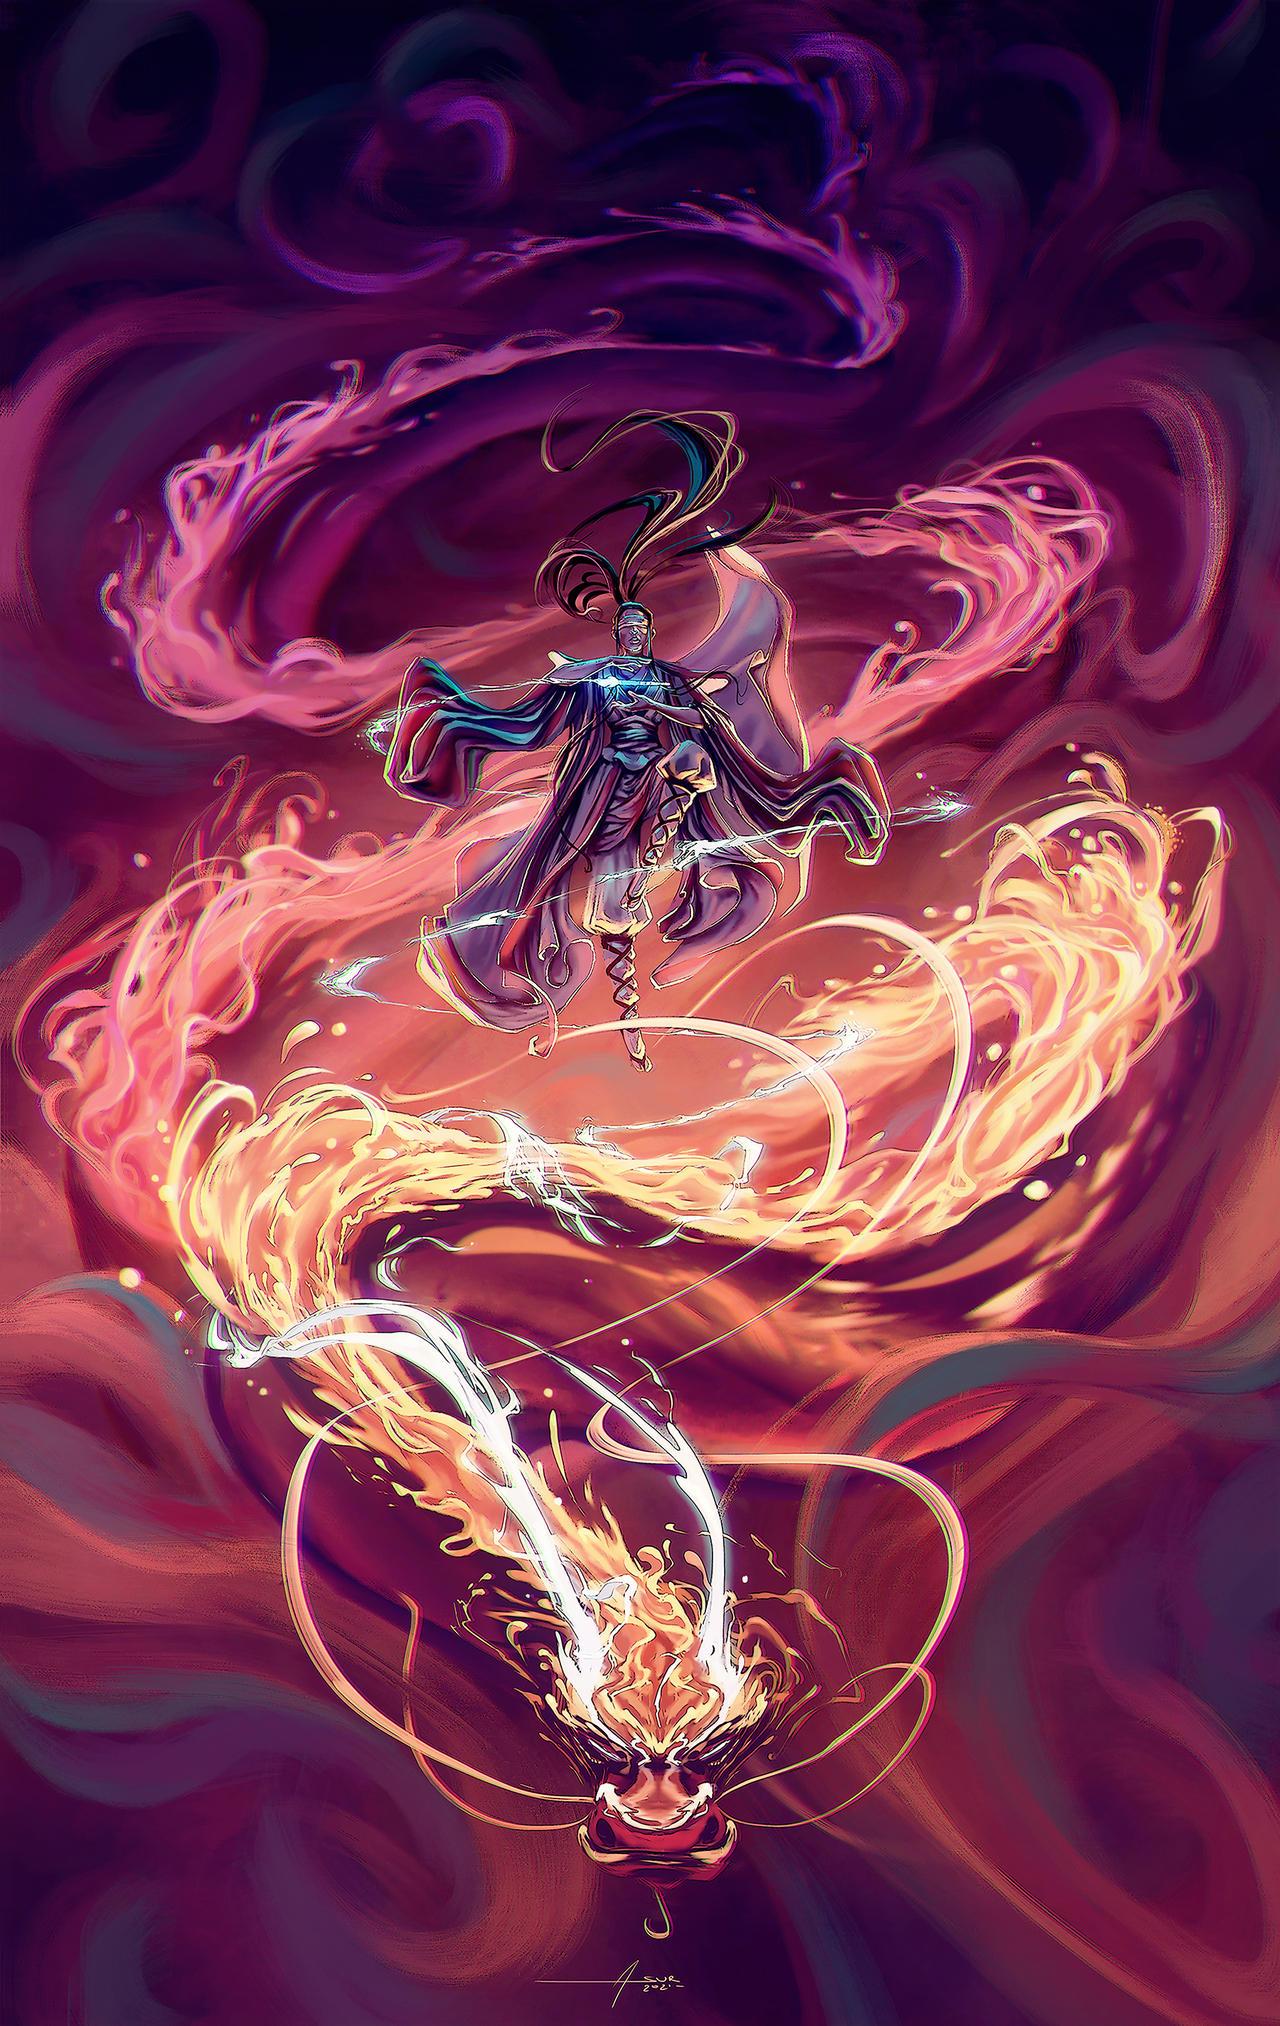 Философия в картинках - Страница 23 The_elder_ink_dragon_by_asur_misoa_dee1jr1-fullview.jpg?token=eyJ0eXAiOiJKV1QiLCJhbGciOiJIUzI1NiJ9.eyJzdWIiOiJ1cm46YXBwOiIsImlzcyI6InVybjphcHA6Iiwib2JqIjpbW3siaGVpZ2h0IjoiPD0yMDI2IiwicGF0aCI6IlwvZlwvNjYxMzFjYWEtYzEyZS00M2JmLWE0ODItNTU2MjEzNjc5MzE1XC9kZWUxanIxLWEwNTk2NzEzLTc1NTQtNDcxMS1hZTg2LTE2MTQ3ZDM5MGFiOS5qcGciLCJ3aWR0aCI6Ijw9MTI4MCJ9XV0sImF1ZCI6WyJ1cm46c2VydmljZTppbWFnZS5vcGVyYXRpb25zIl19